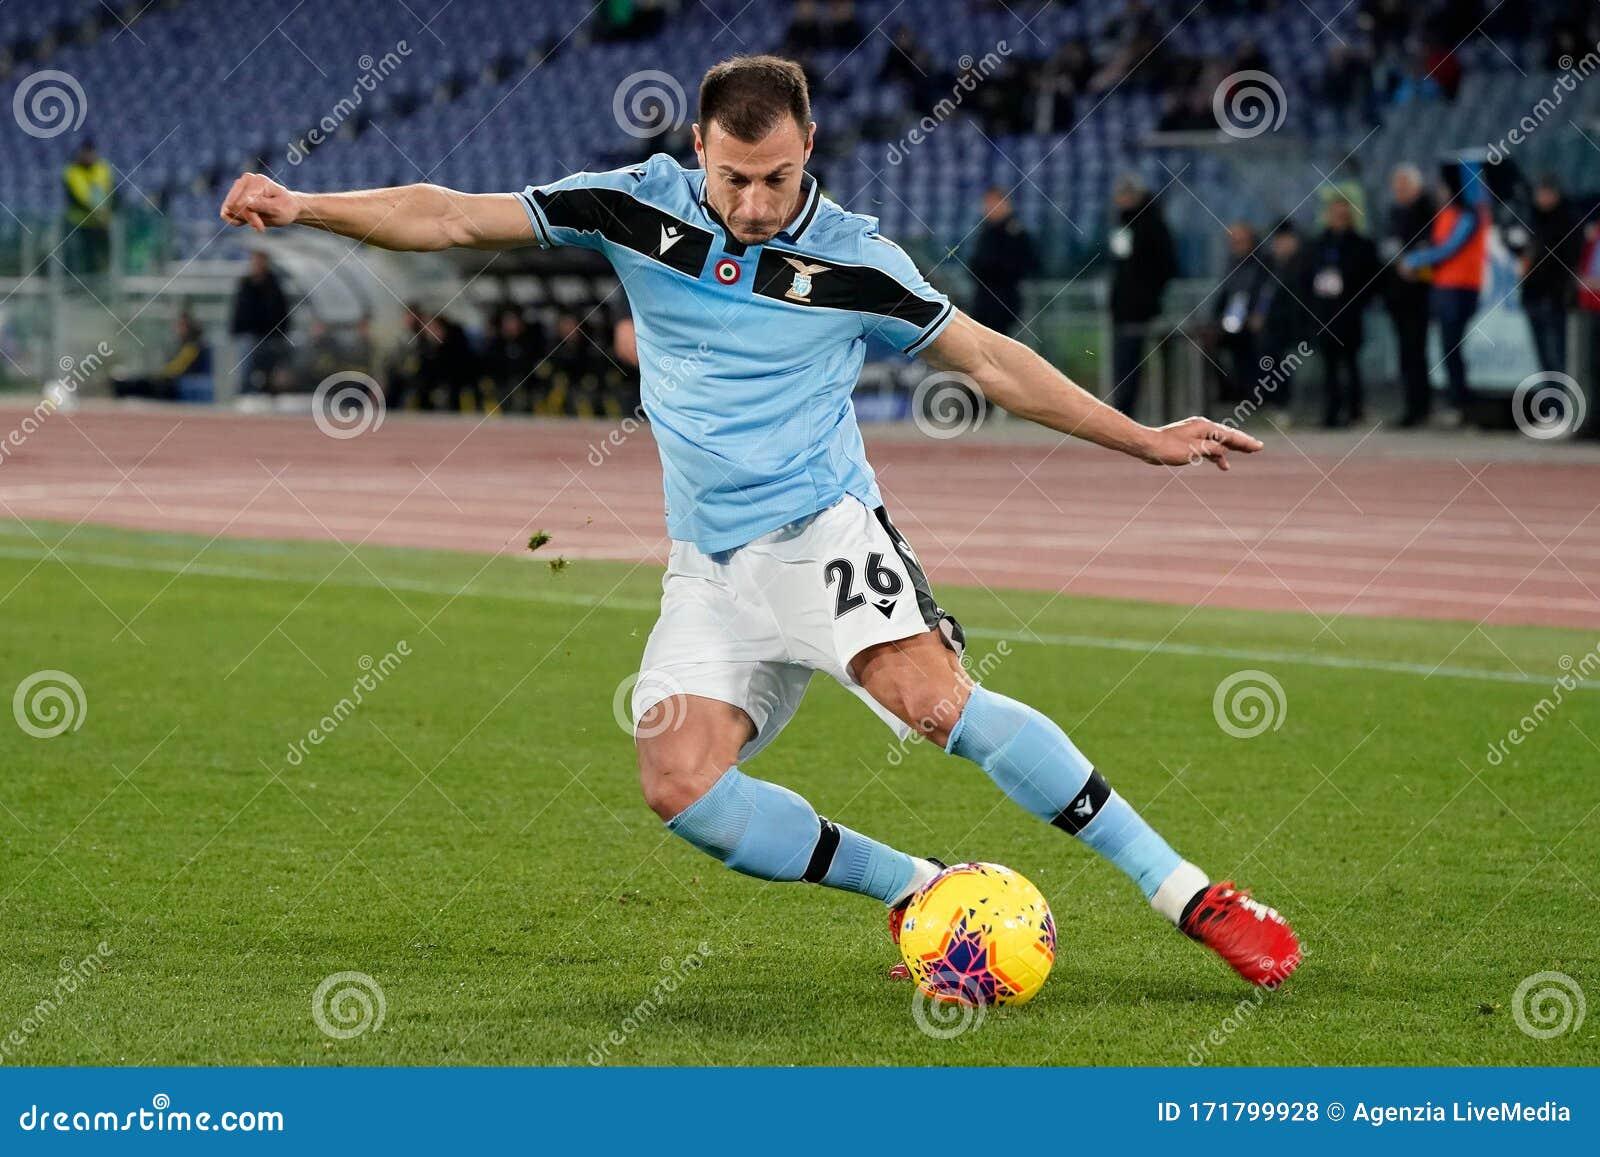 Lazio Vs Verona - Fabrybwulyxf2m / Football 24/7 sul tuo ...